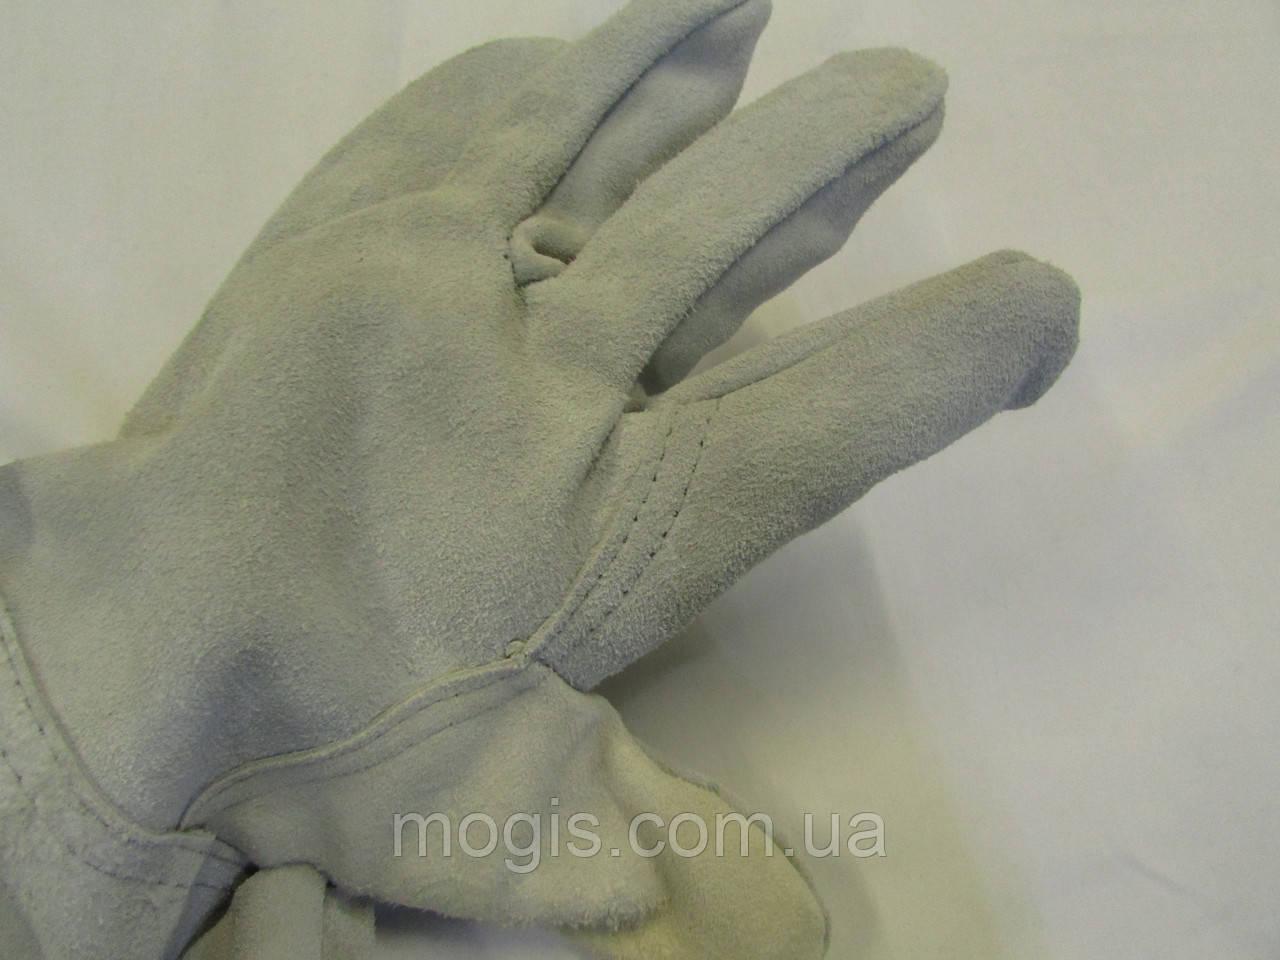 Перчатки спилковые с крагами 7,5 см